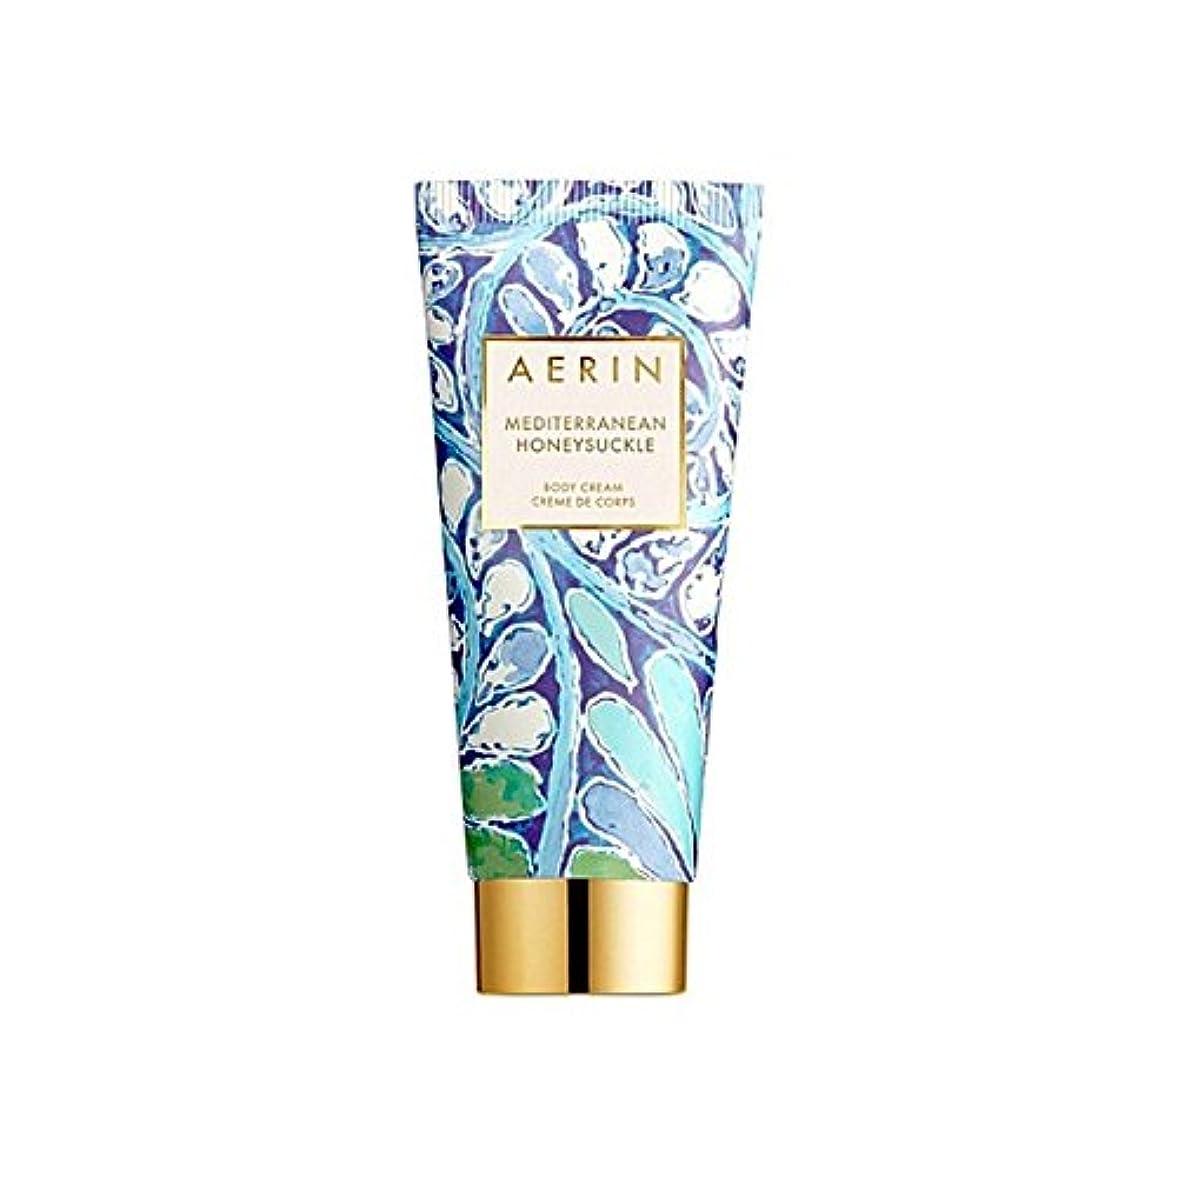 ウォーターフロント行進無しスイカズラボディクリーム150ミリリットル x4 - Aerin Mediterrenean Honeysuckle Body Cream 150ml (Pack of 4) [並行輸入品]